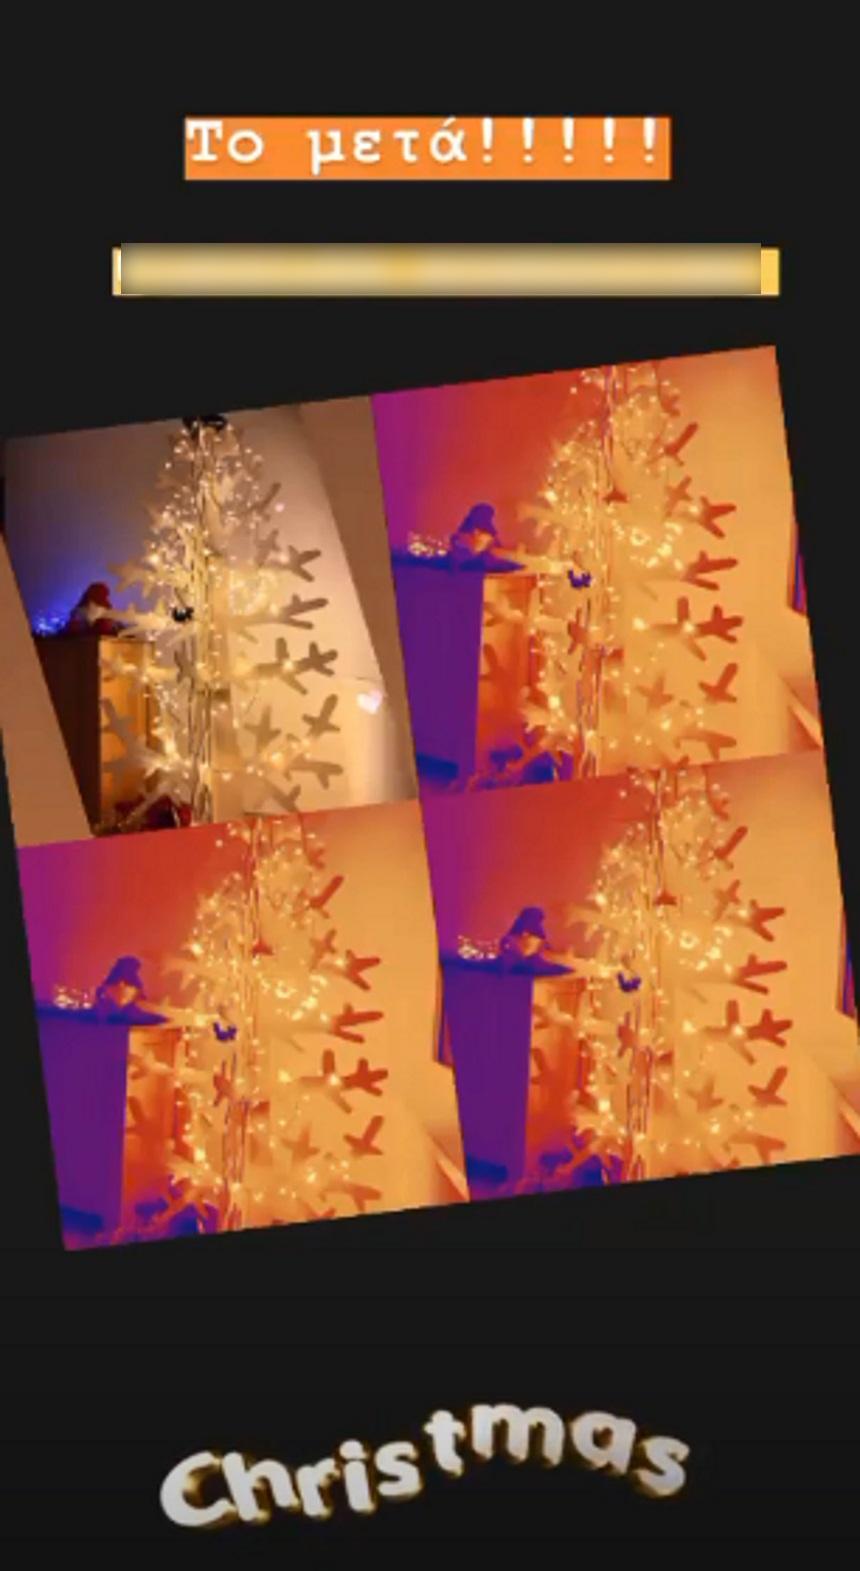 Το πρωτότυπο χριστουγεννιάτικο δέντρο που στόλισε η Μαρία Ηλιάκη με τον αγαπημένο της